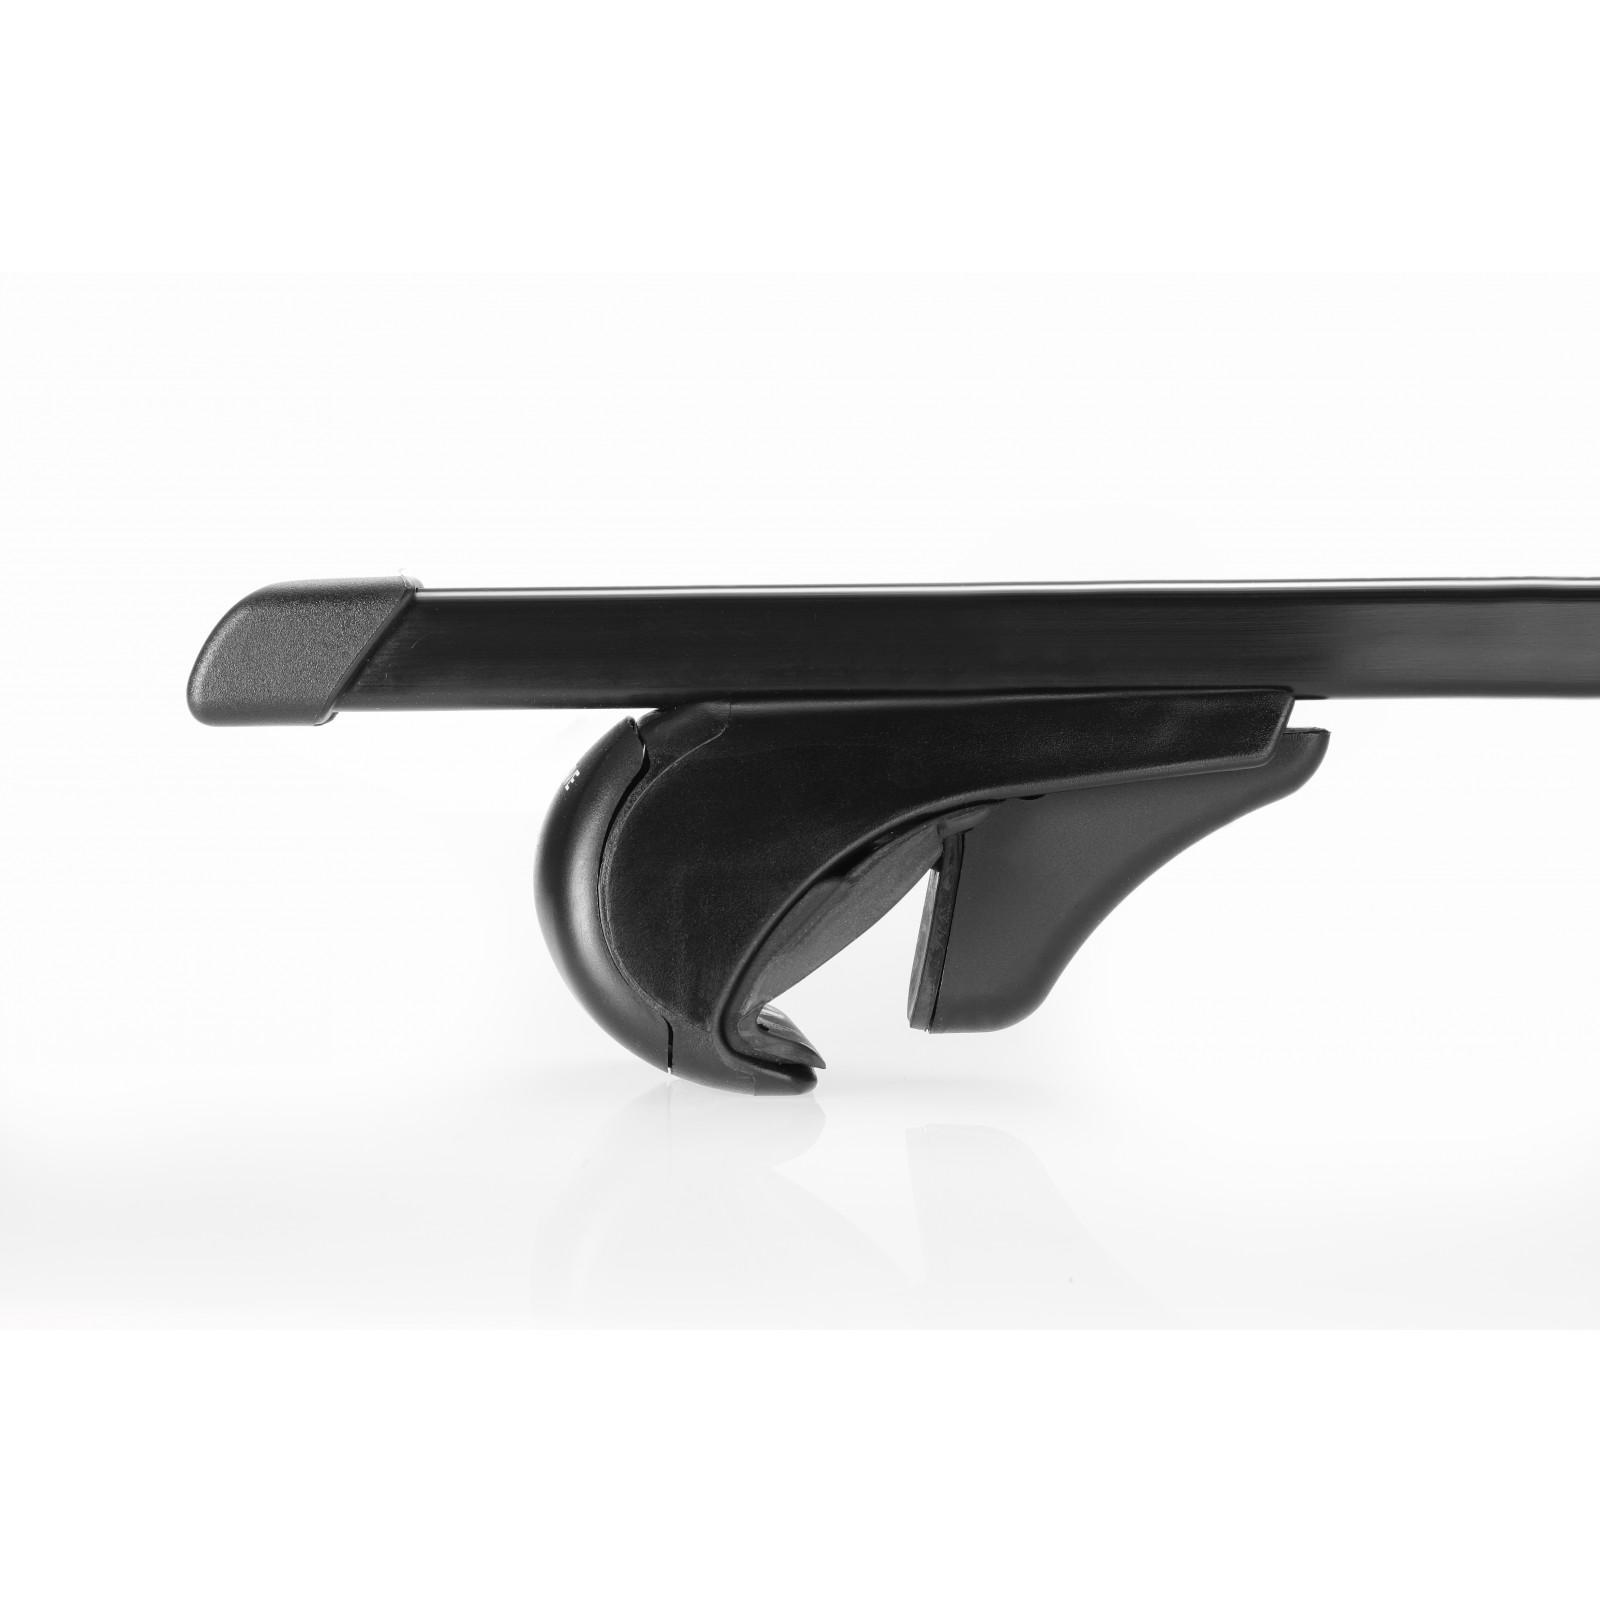 barres de toit en acier pour mercedes classe glk 127cm. Black Bedroom Furniture Sets. Home Design Ideas